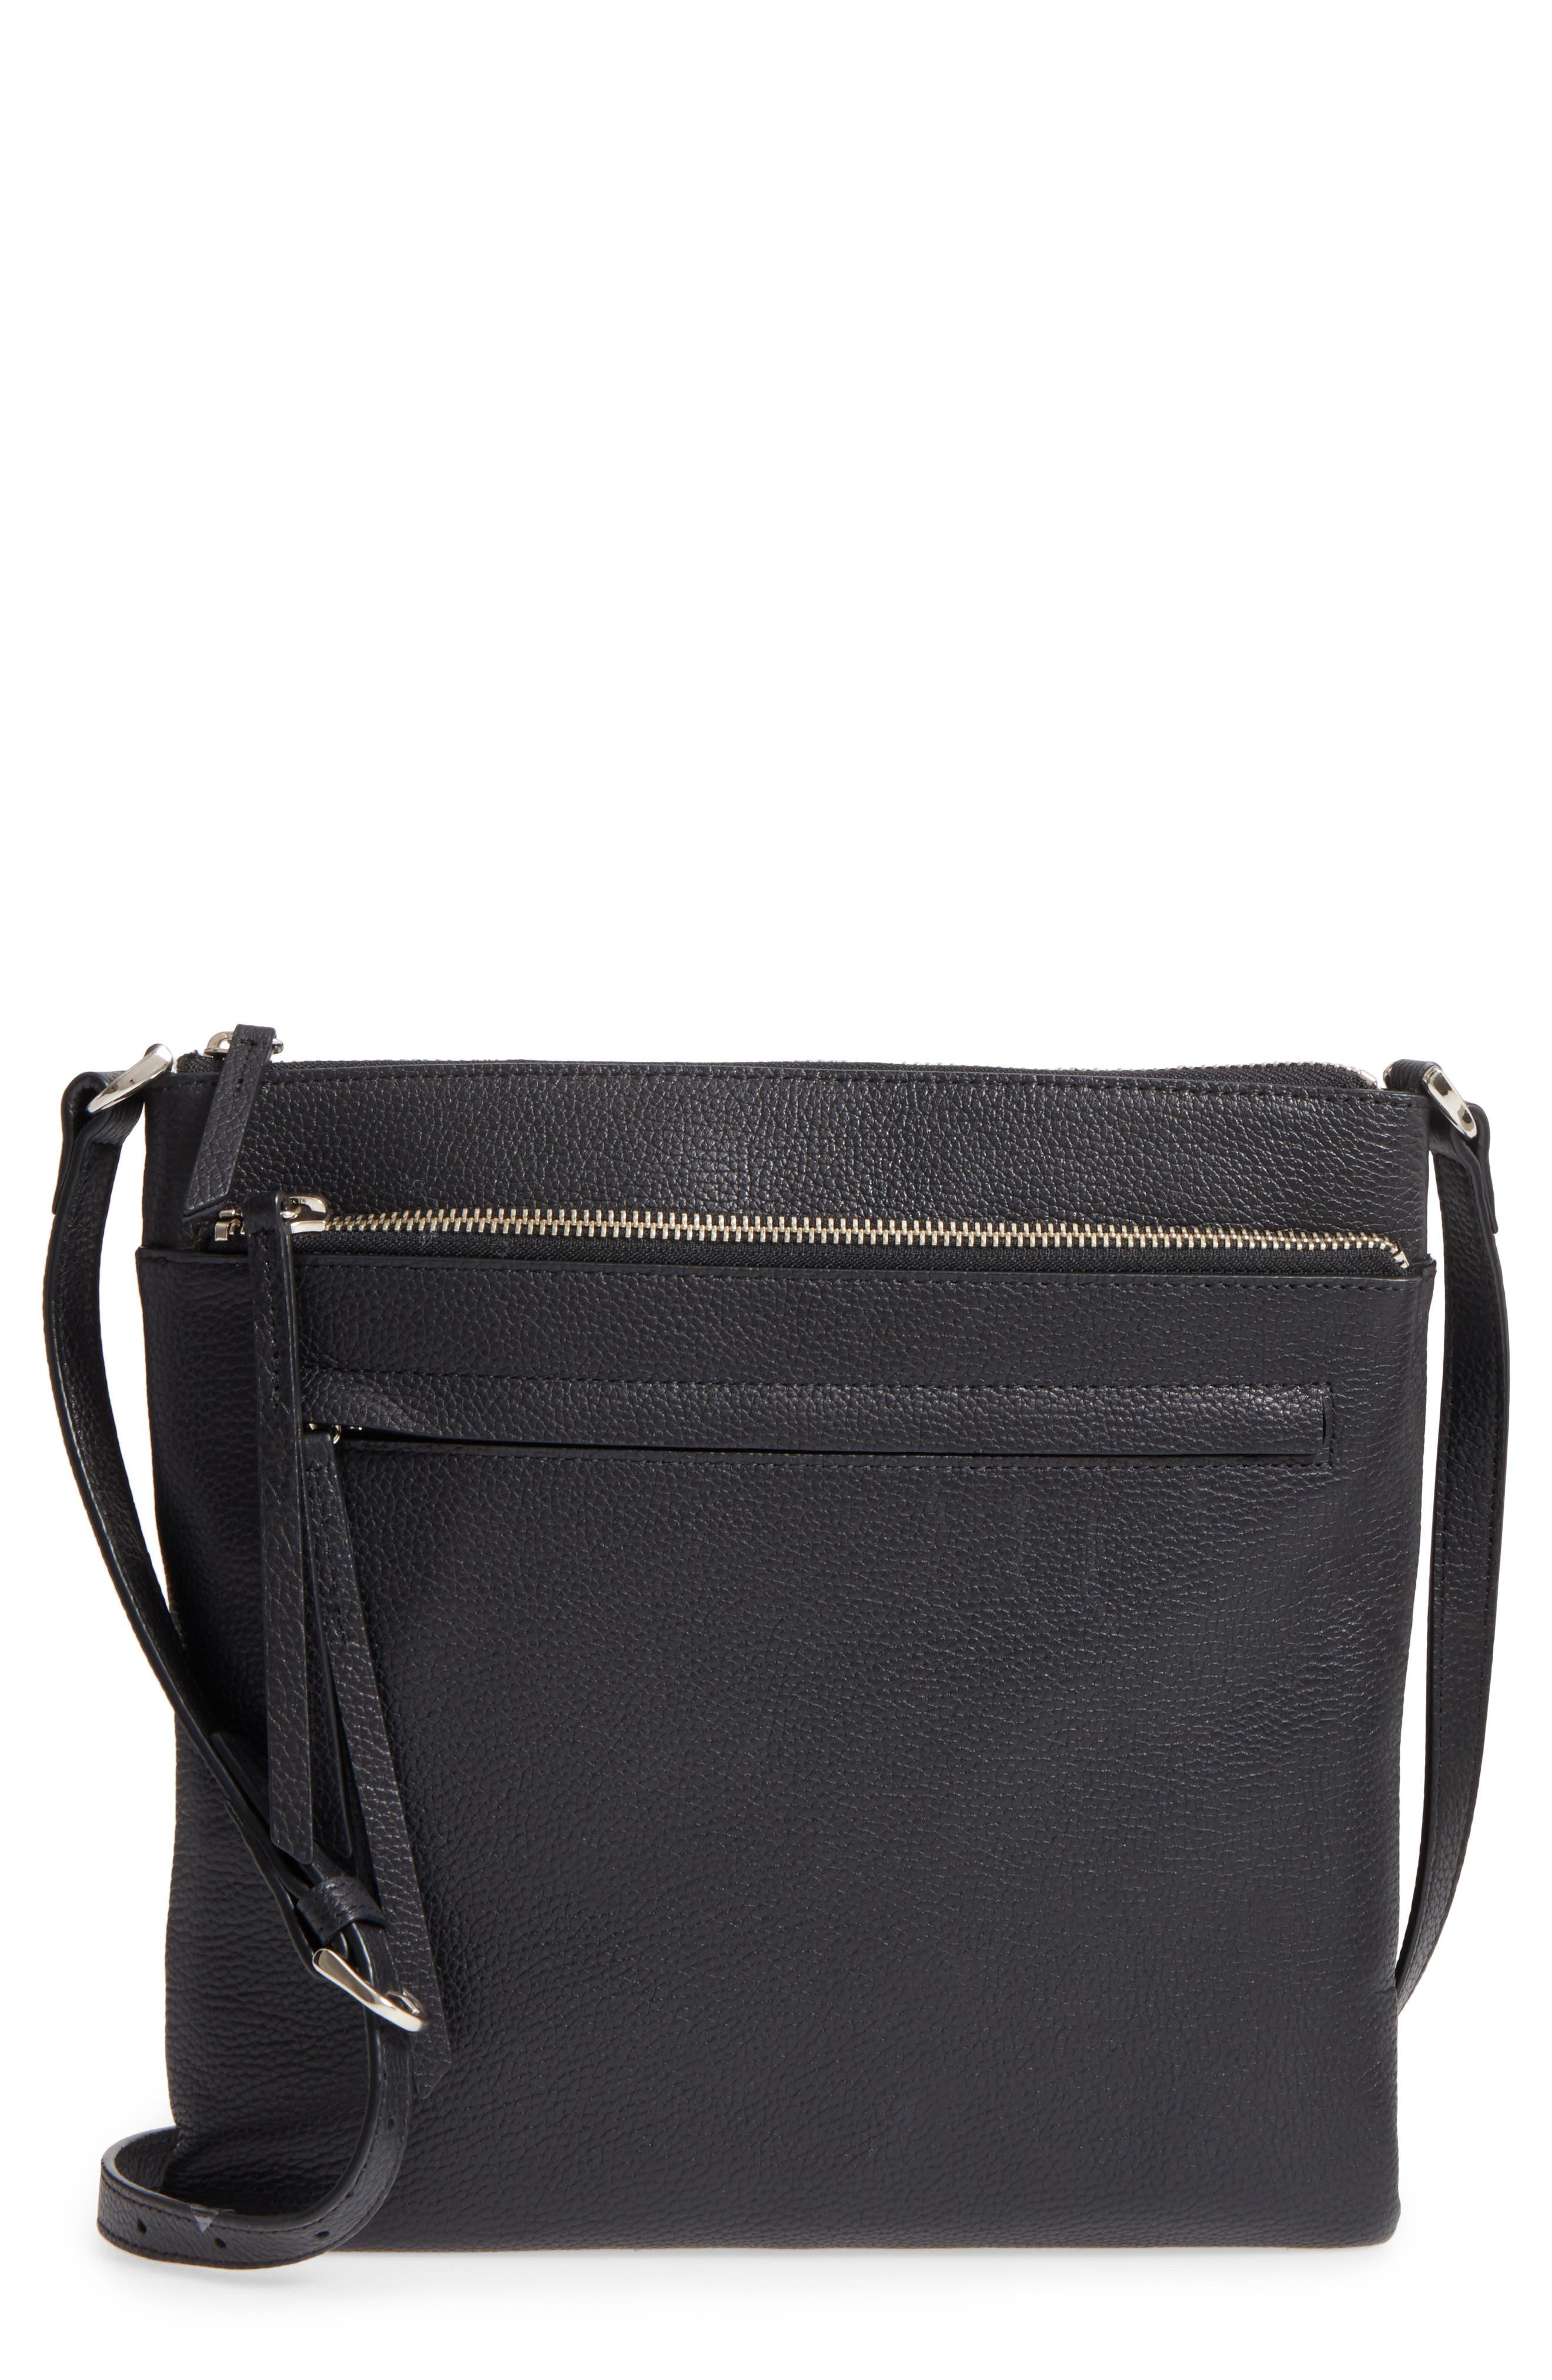 Finn Leather Crossbody Bag,                         Main,                         color, BLACK